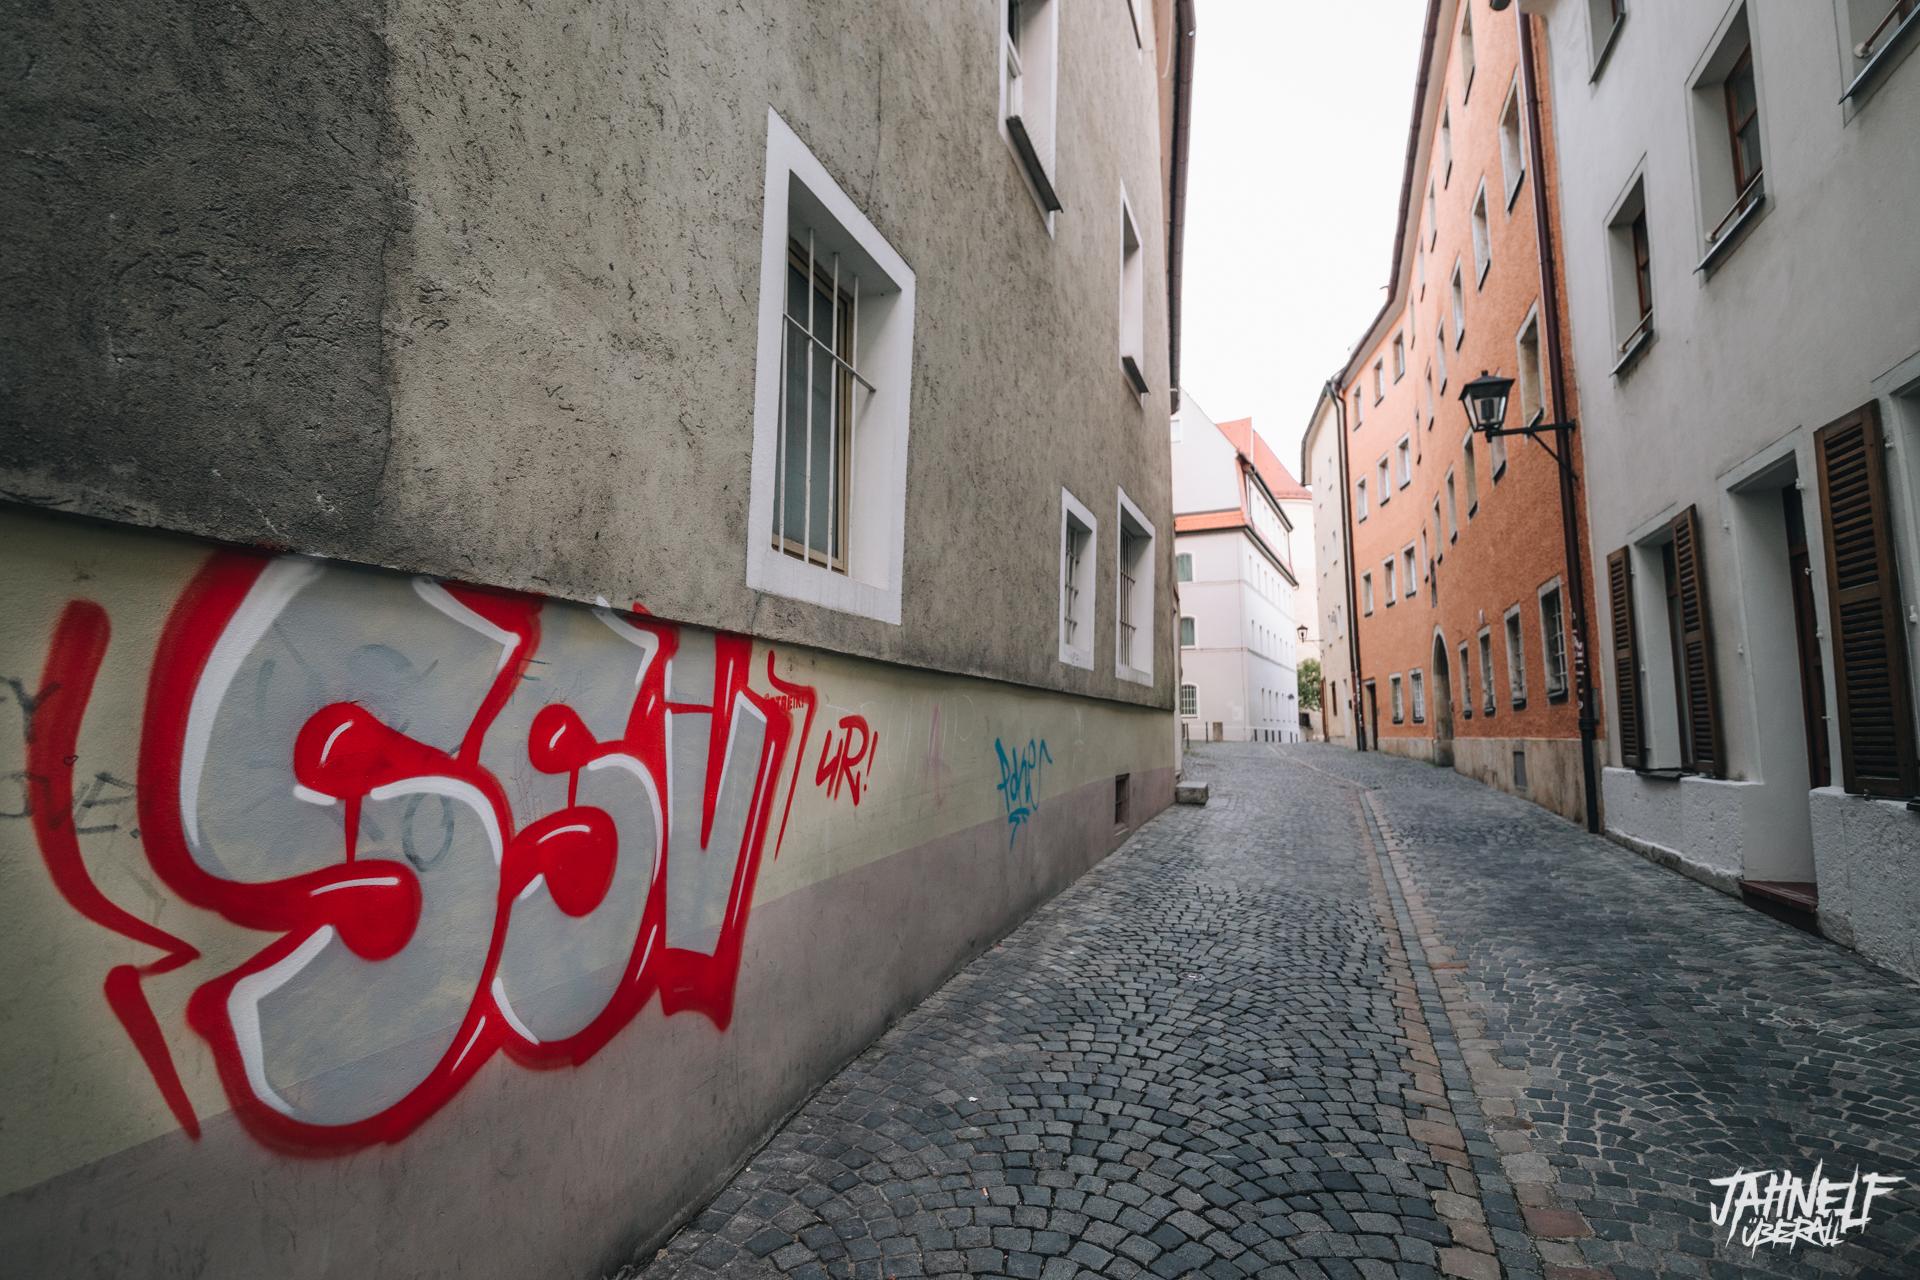 SSV Graffiti in einer Gasse in Regensburg